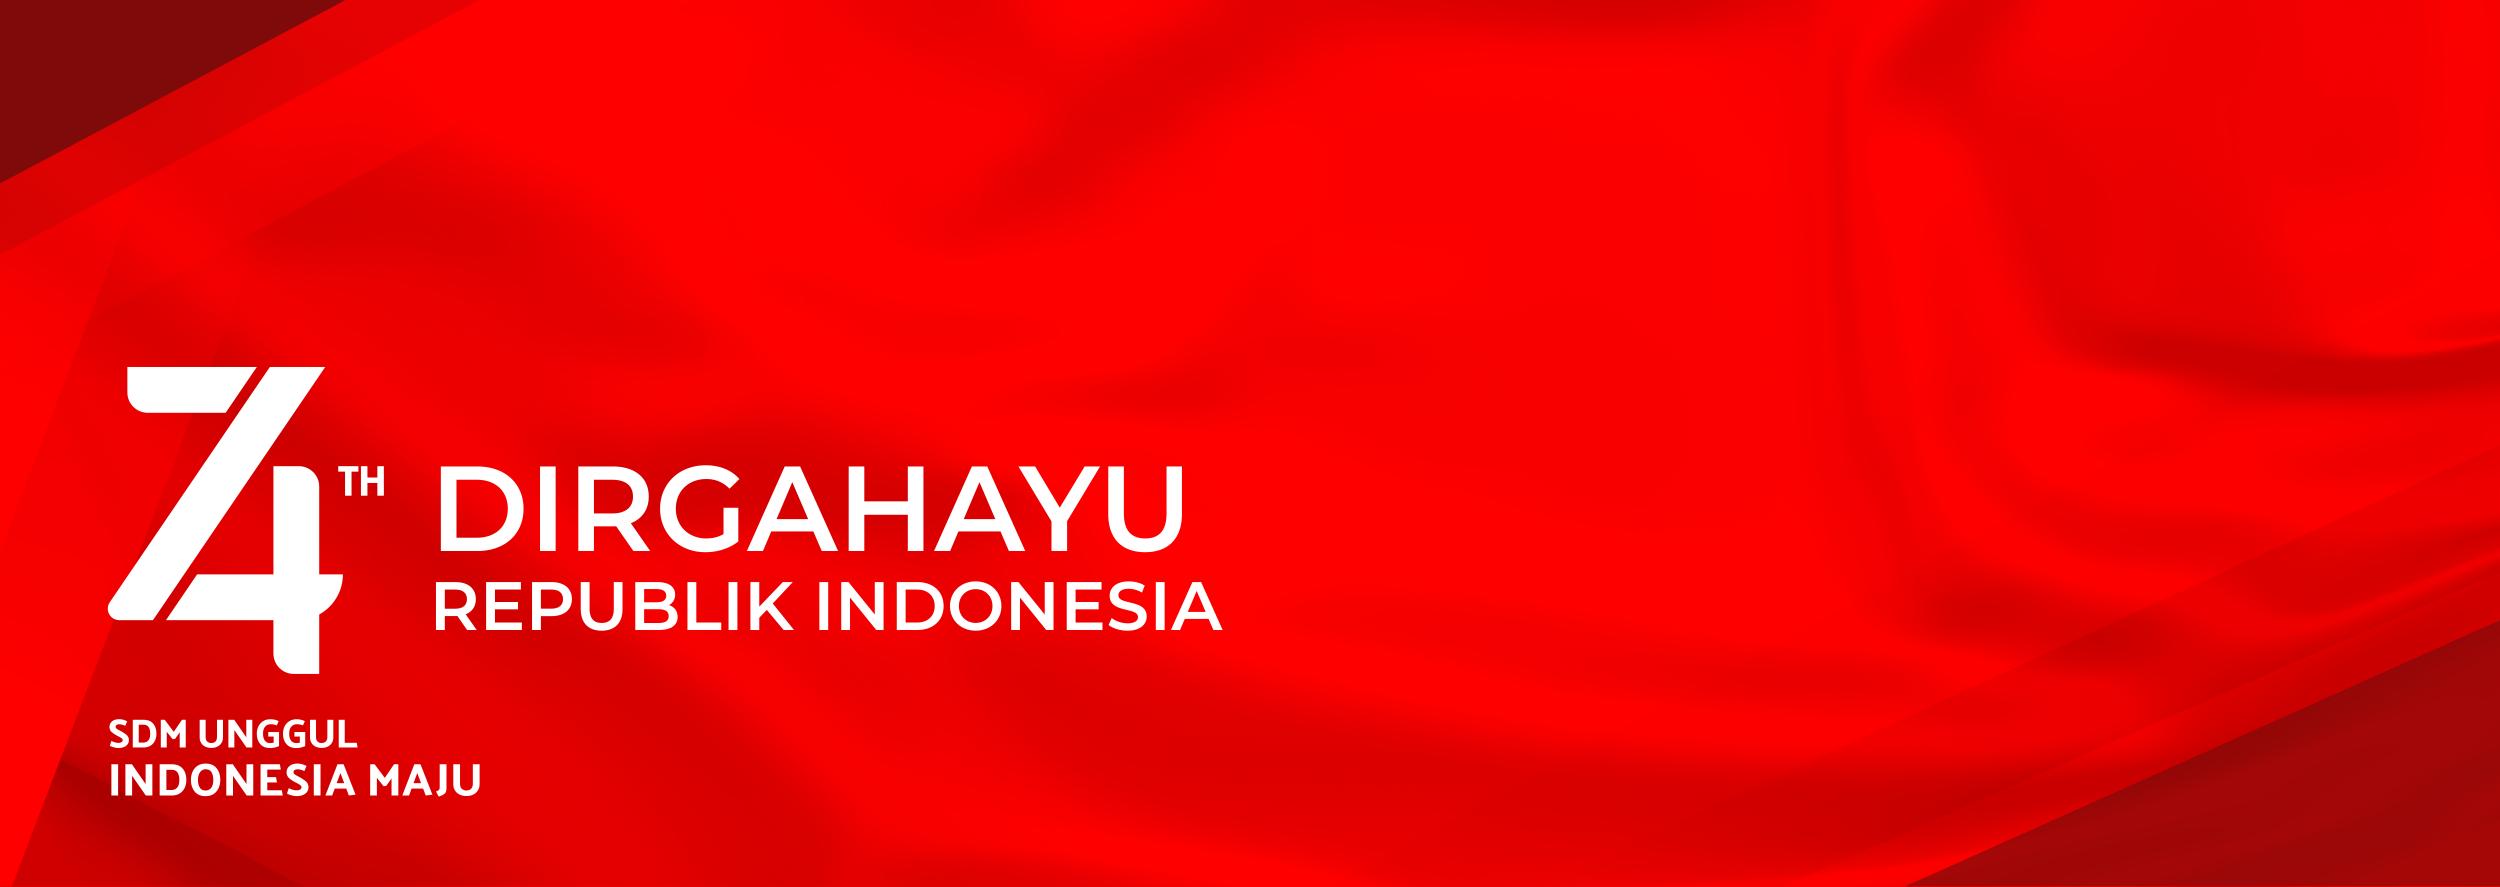 HUT KEMERDEKAAN RI KE 74<BR>SDM UNGGUL, INDONESIA MAJU!!!!